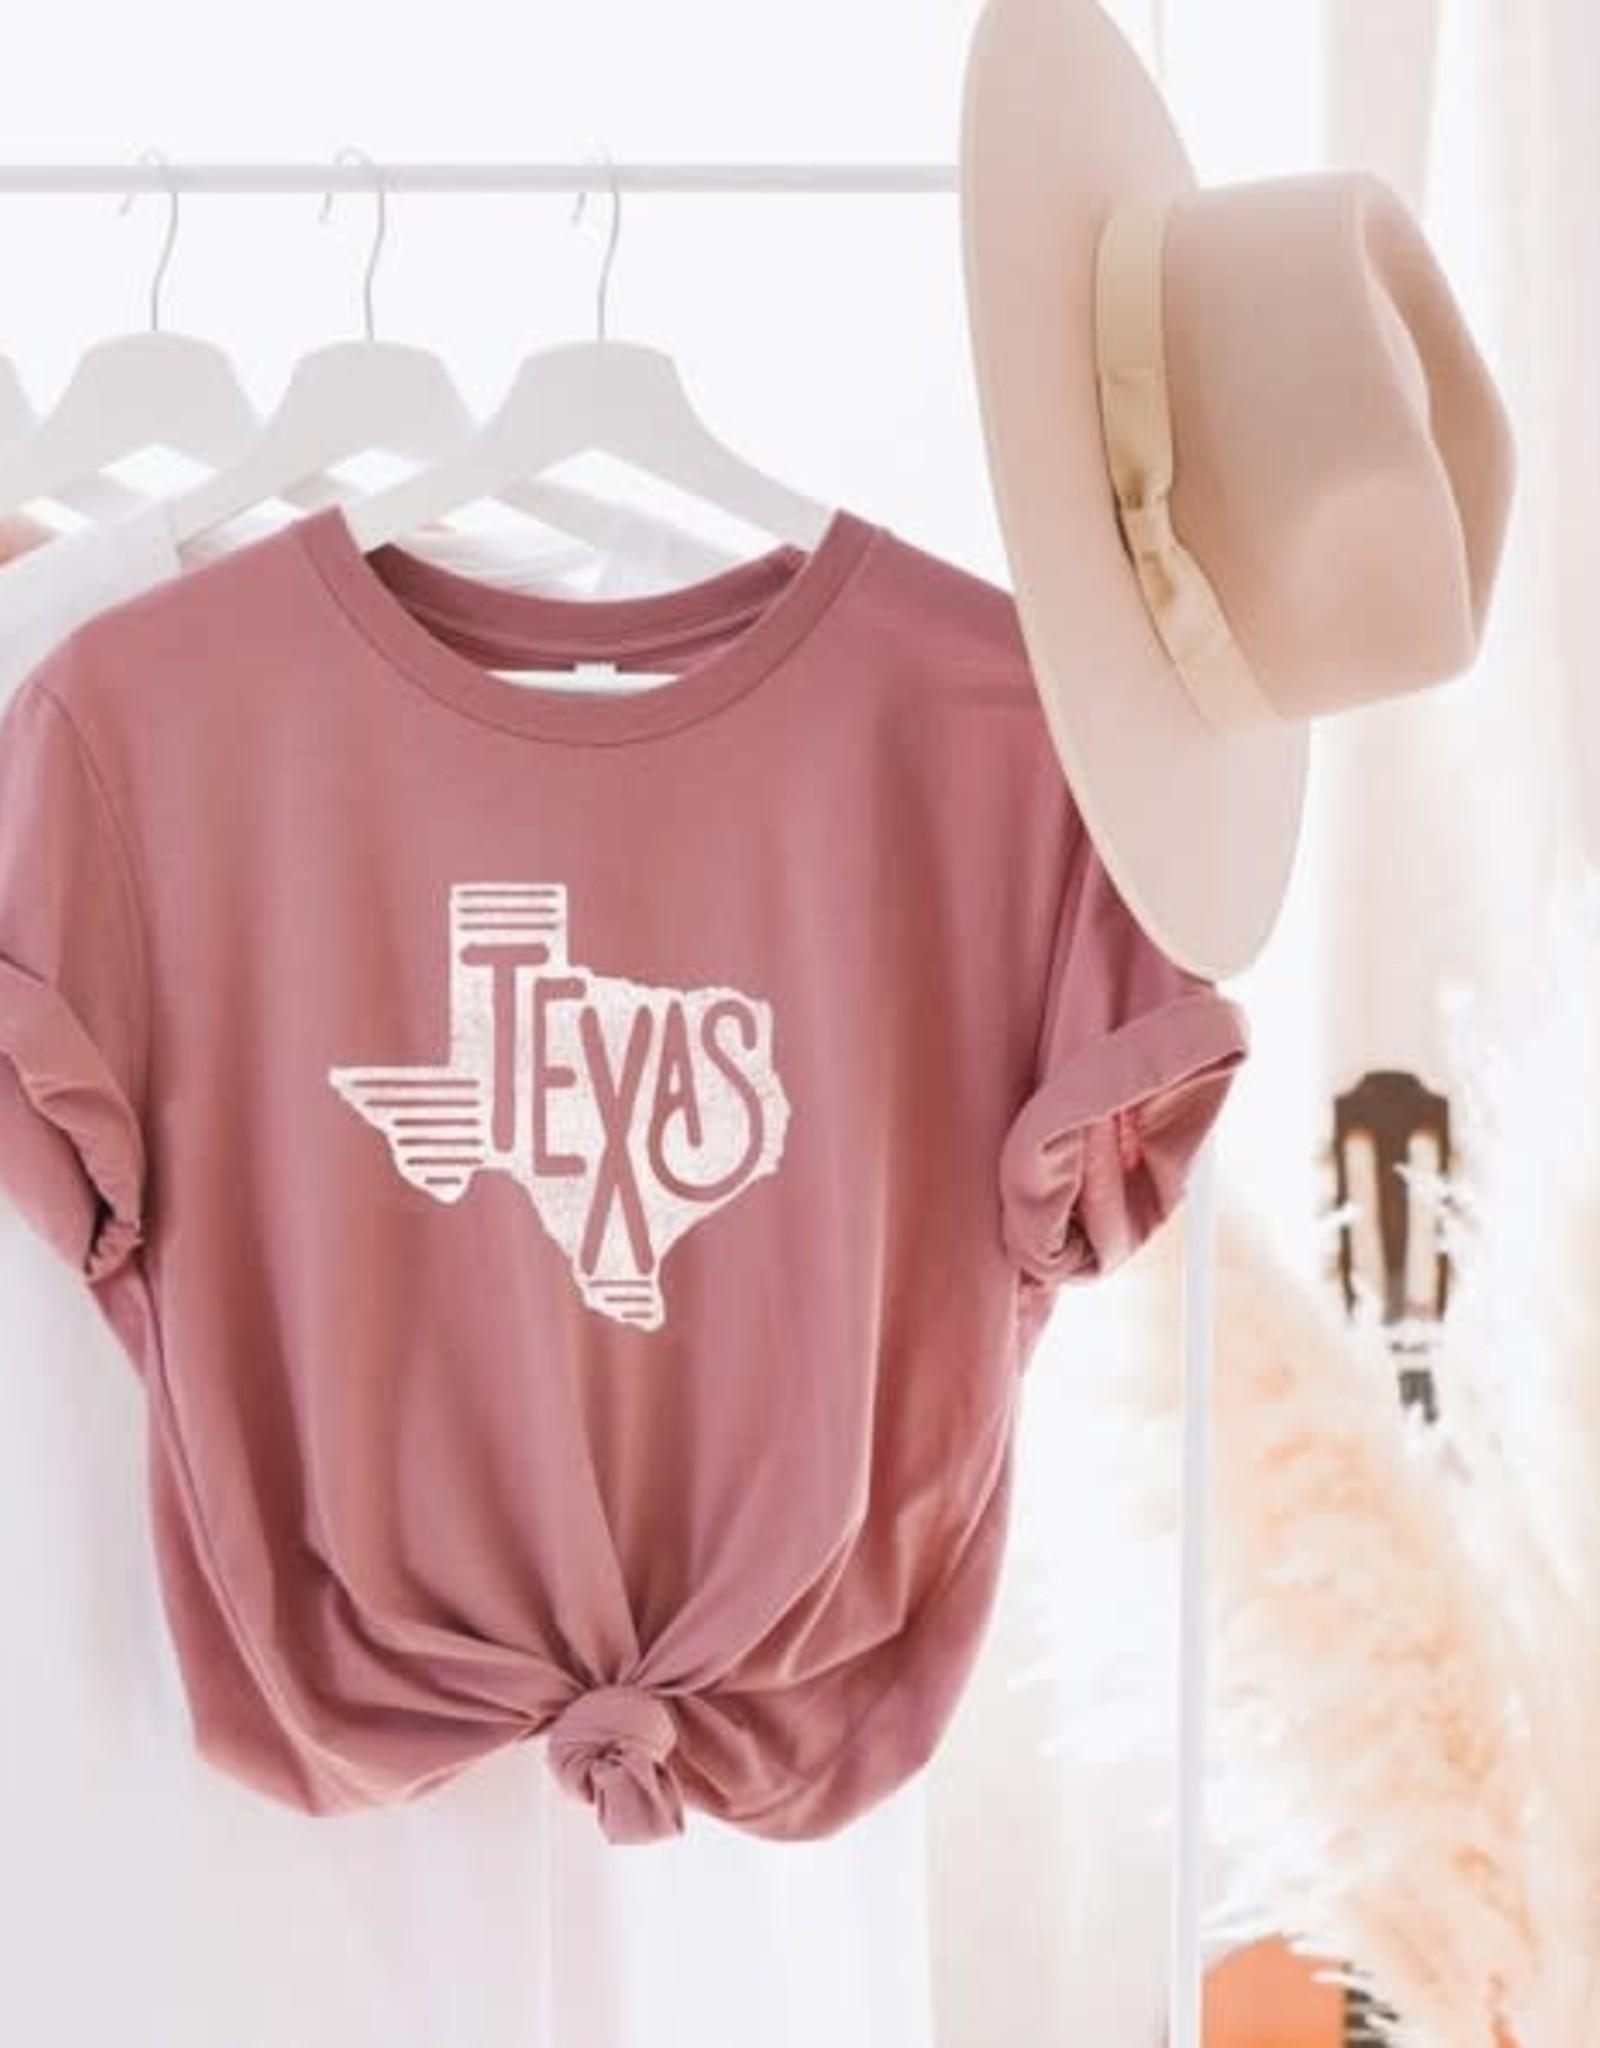 Wink Texas Tee